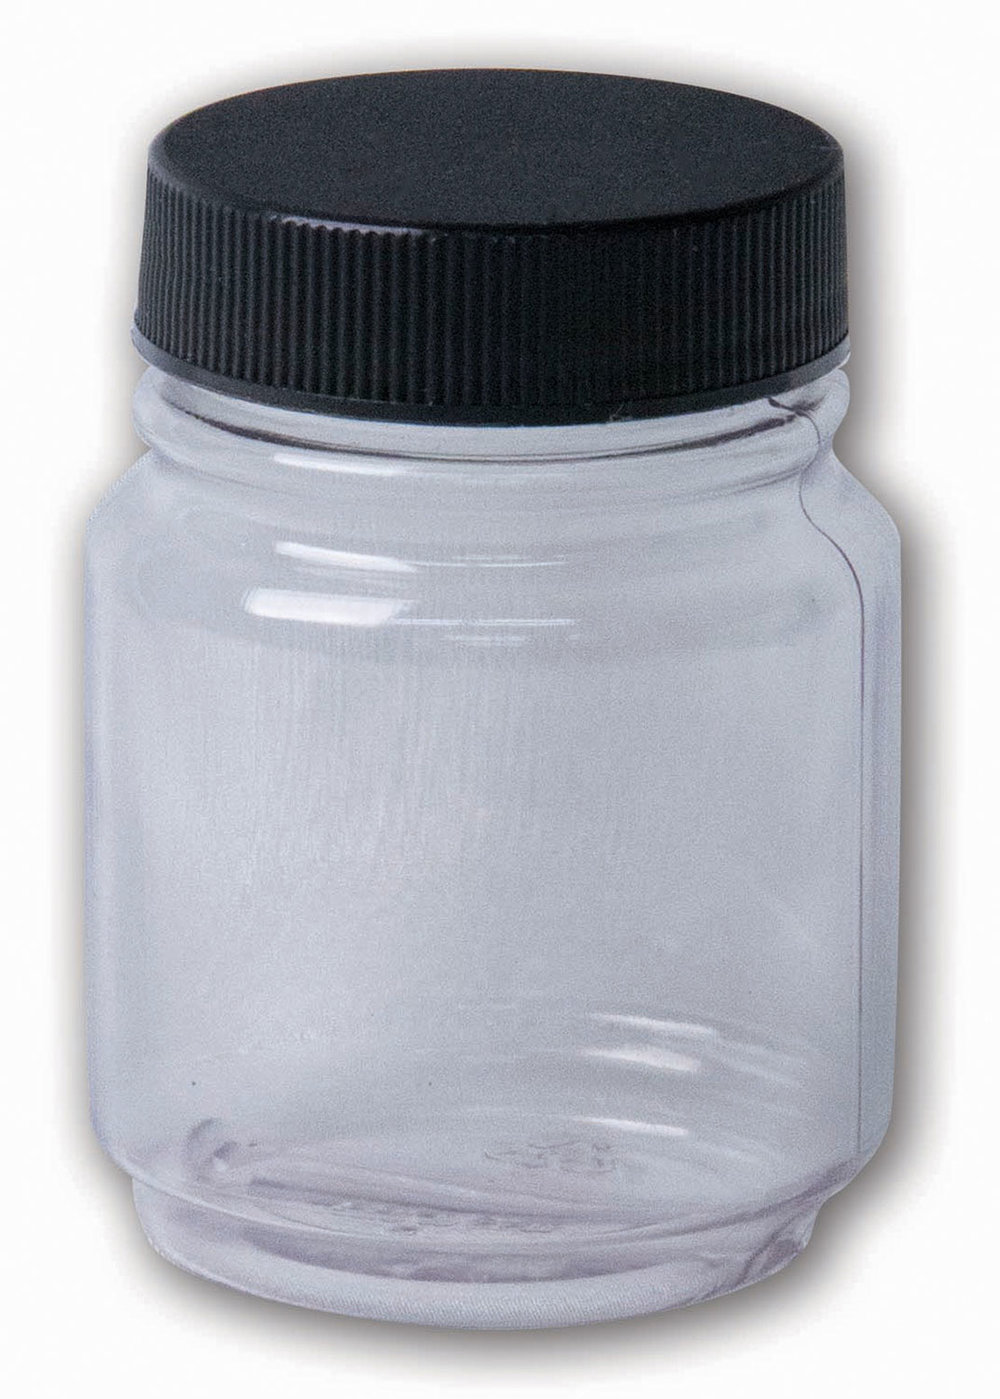 2.25 oz Clear Jar#(plastic w/lid)#Item ACC1793